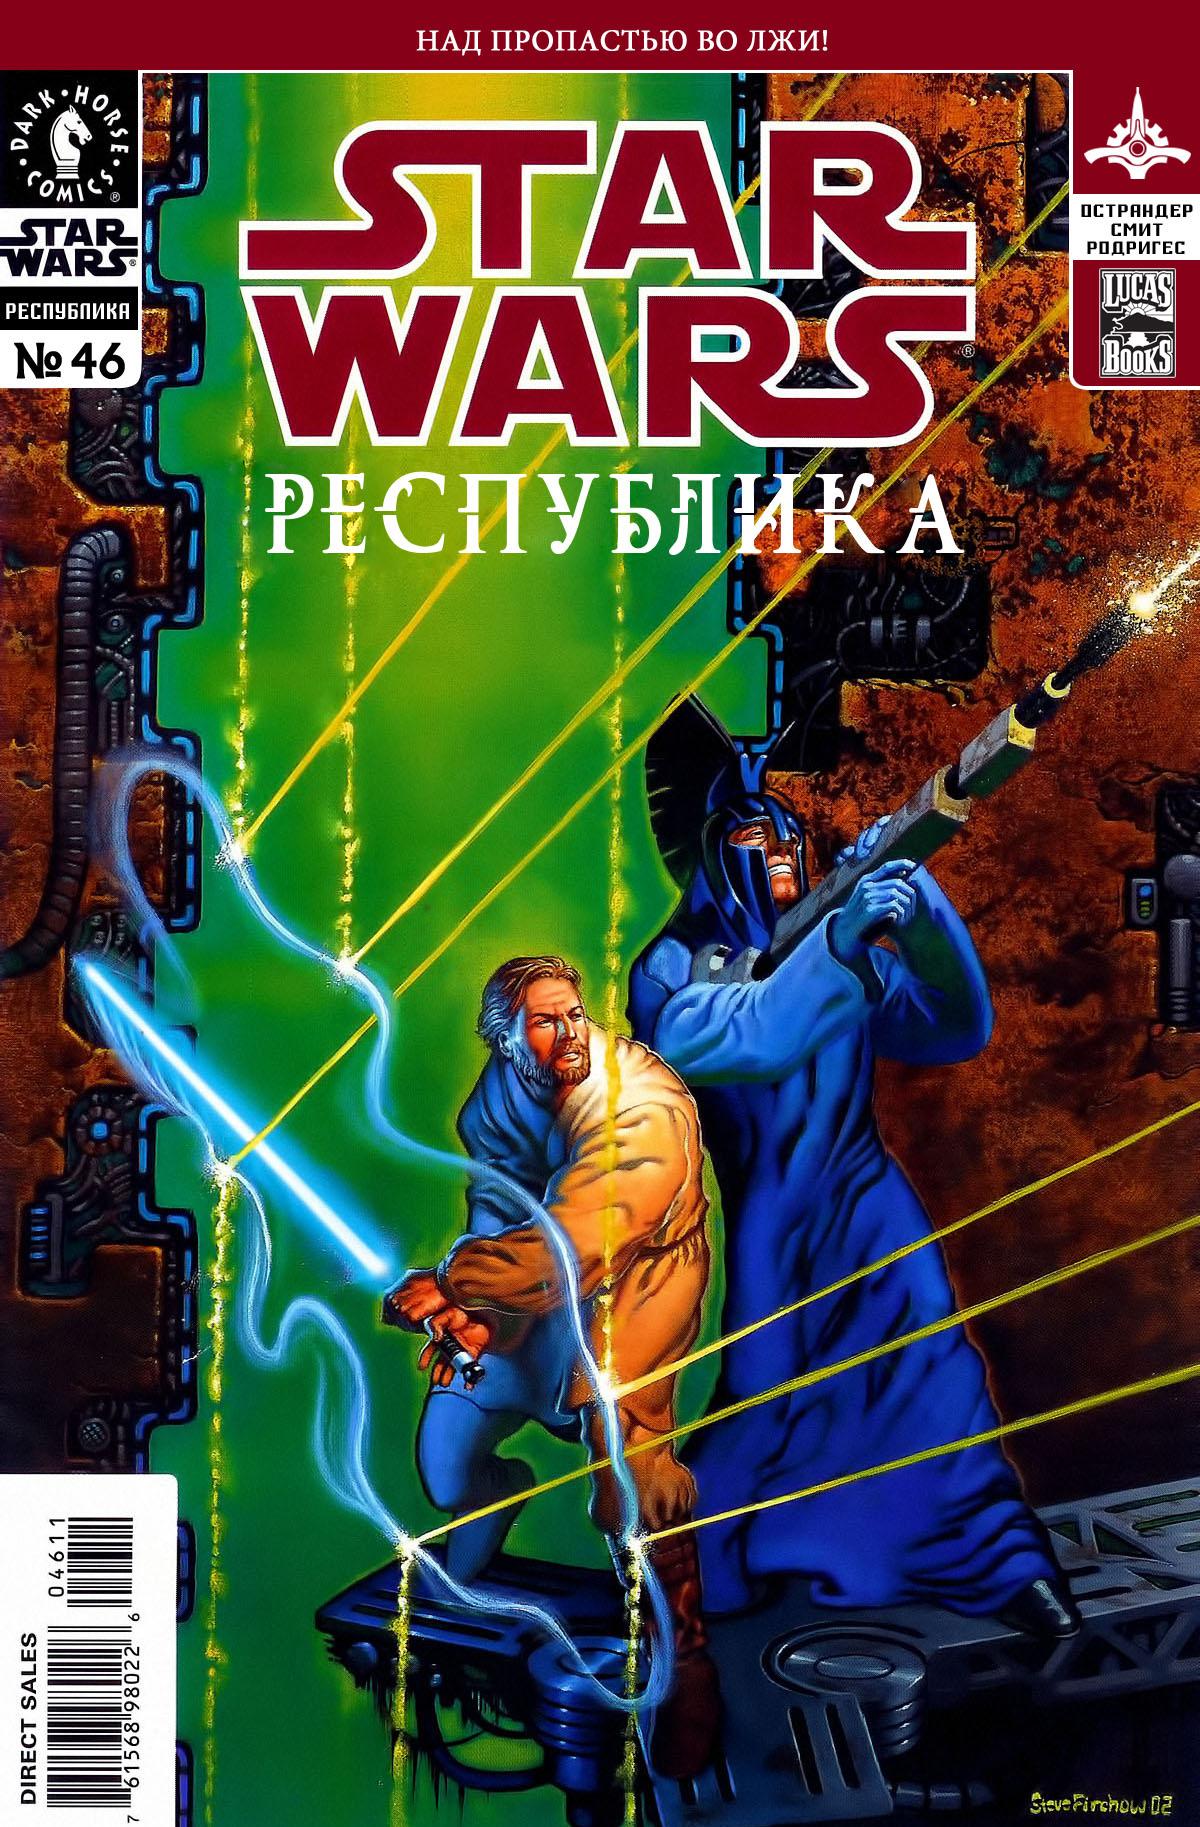 Звёздные войны. Республика 46: Честь и долг, часть 1